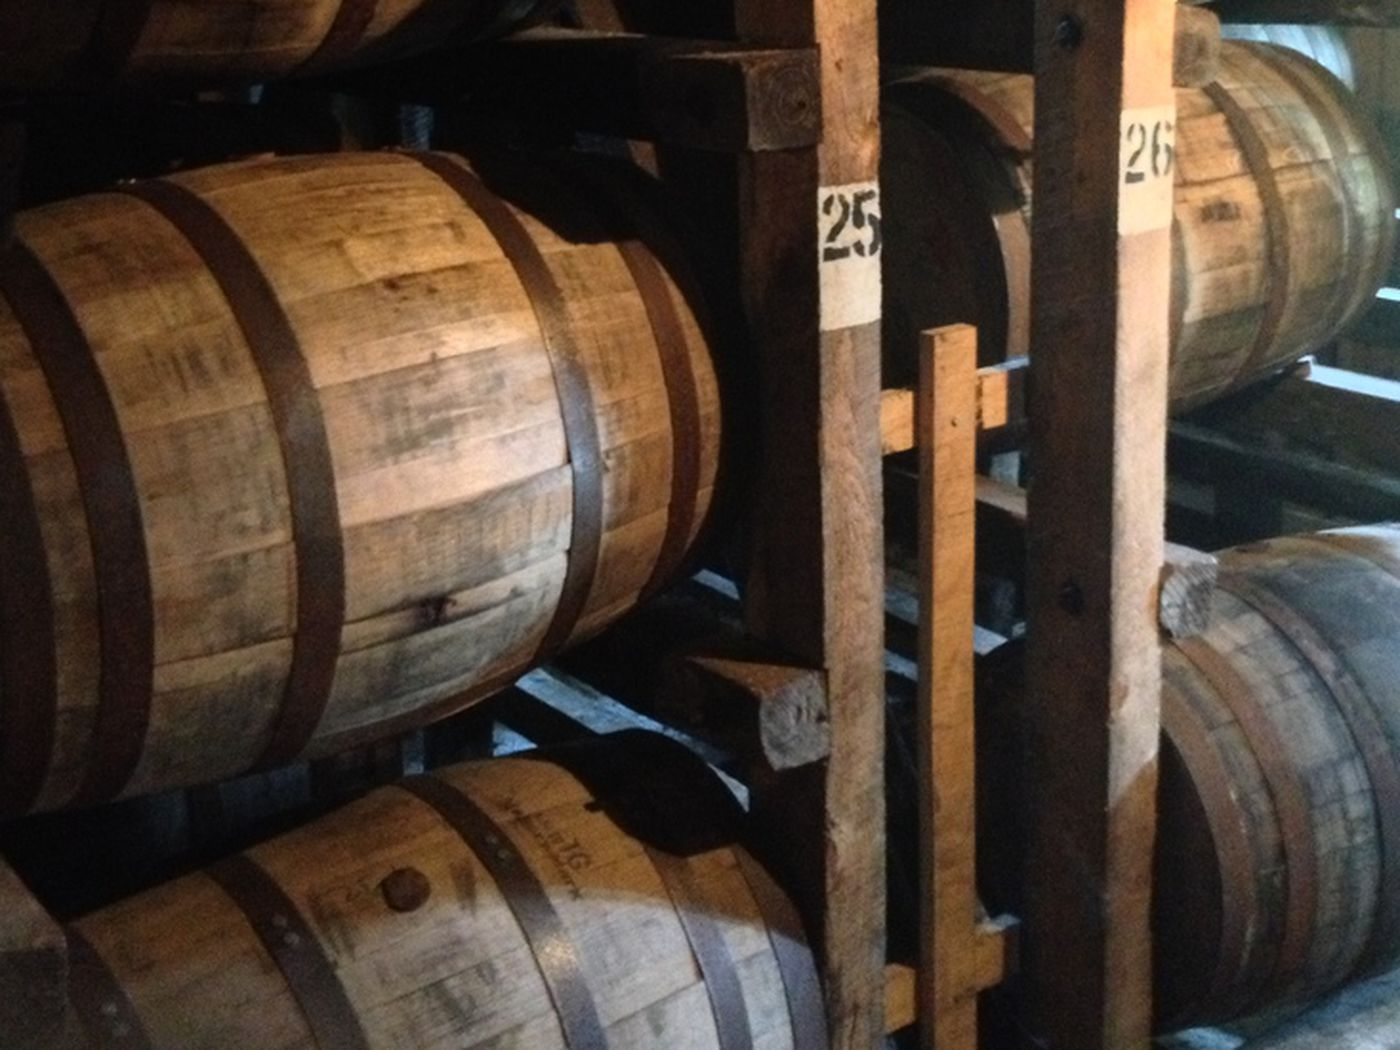 df0dac25c A post about bourbon - CougCenter